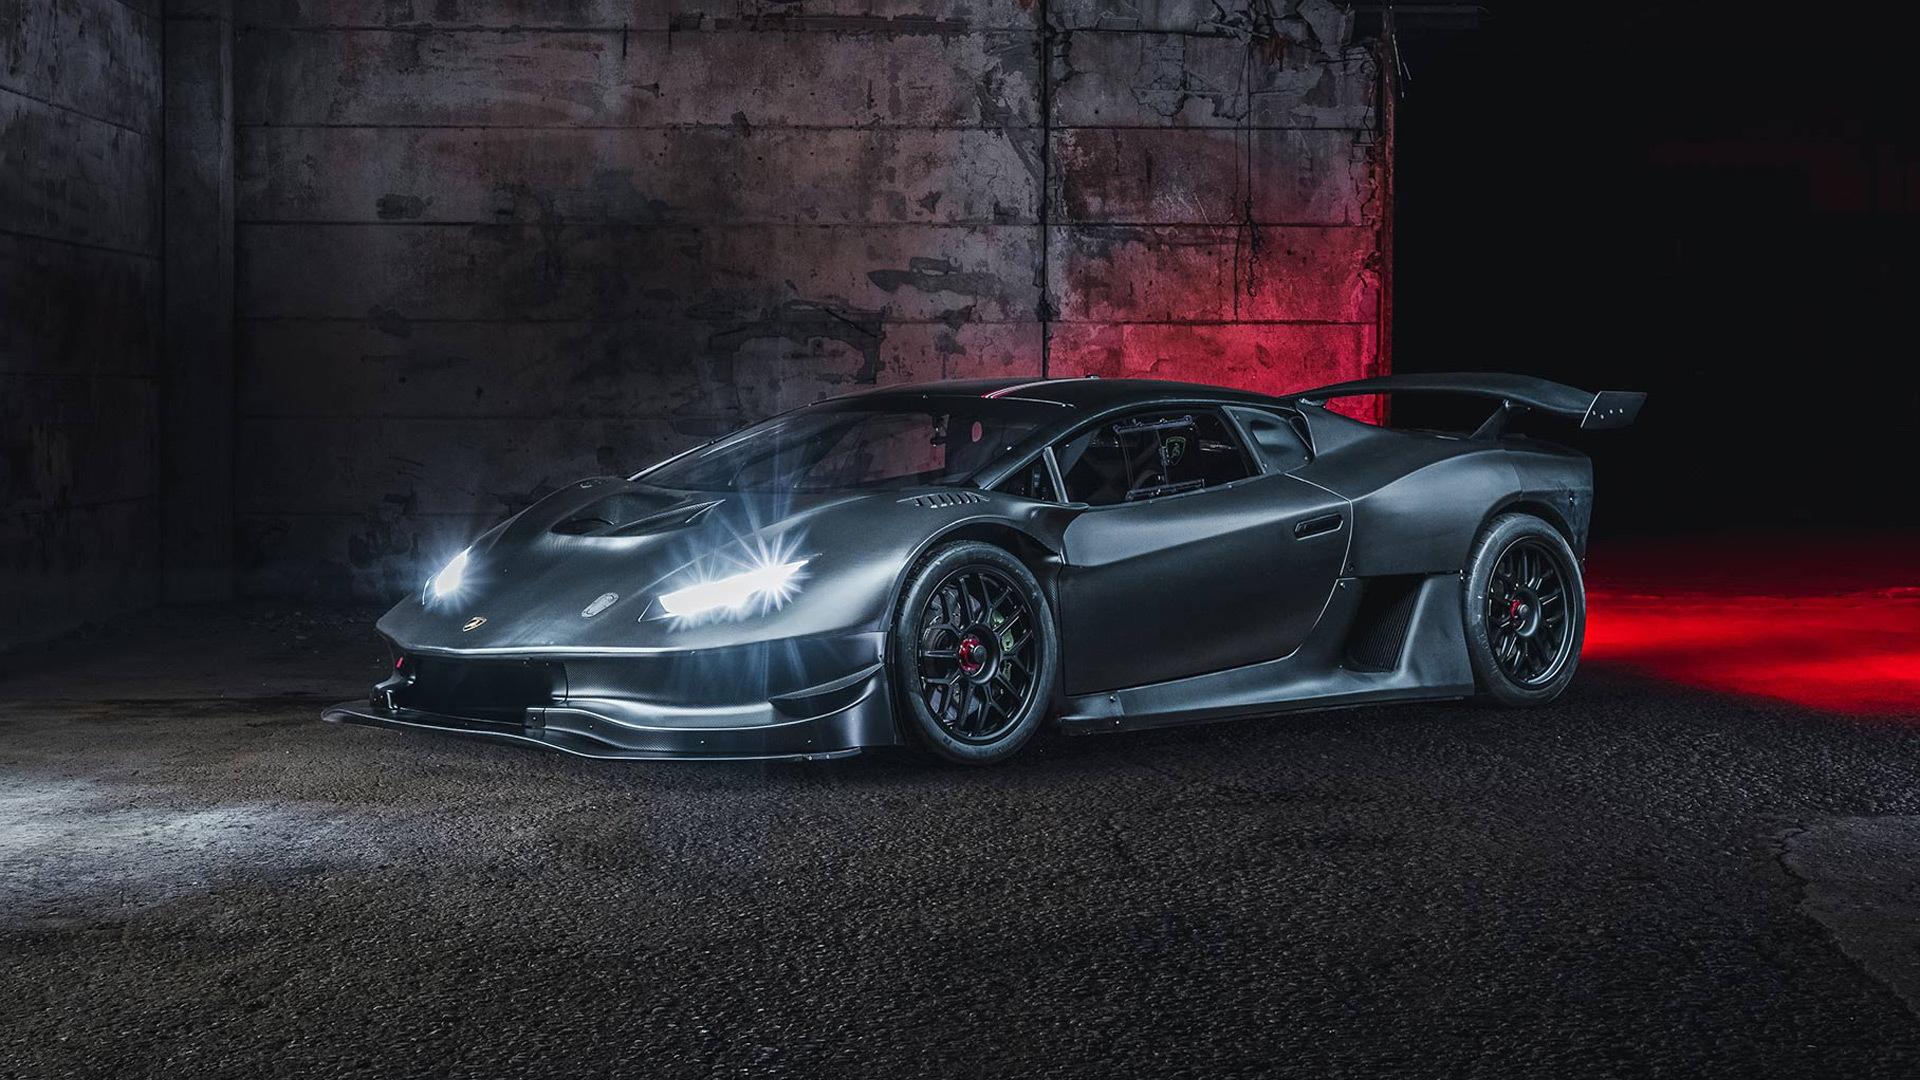 Zyrus LP1200 R race car